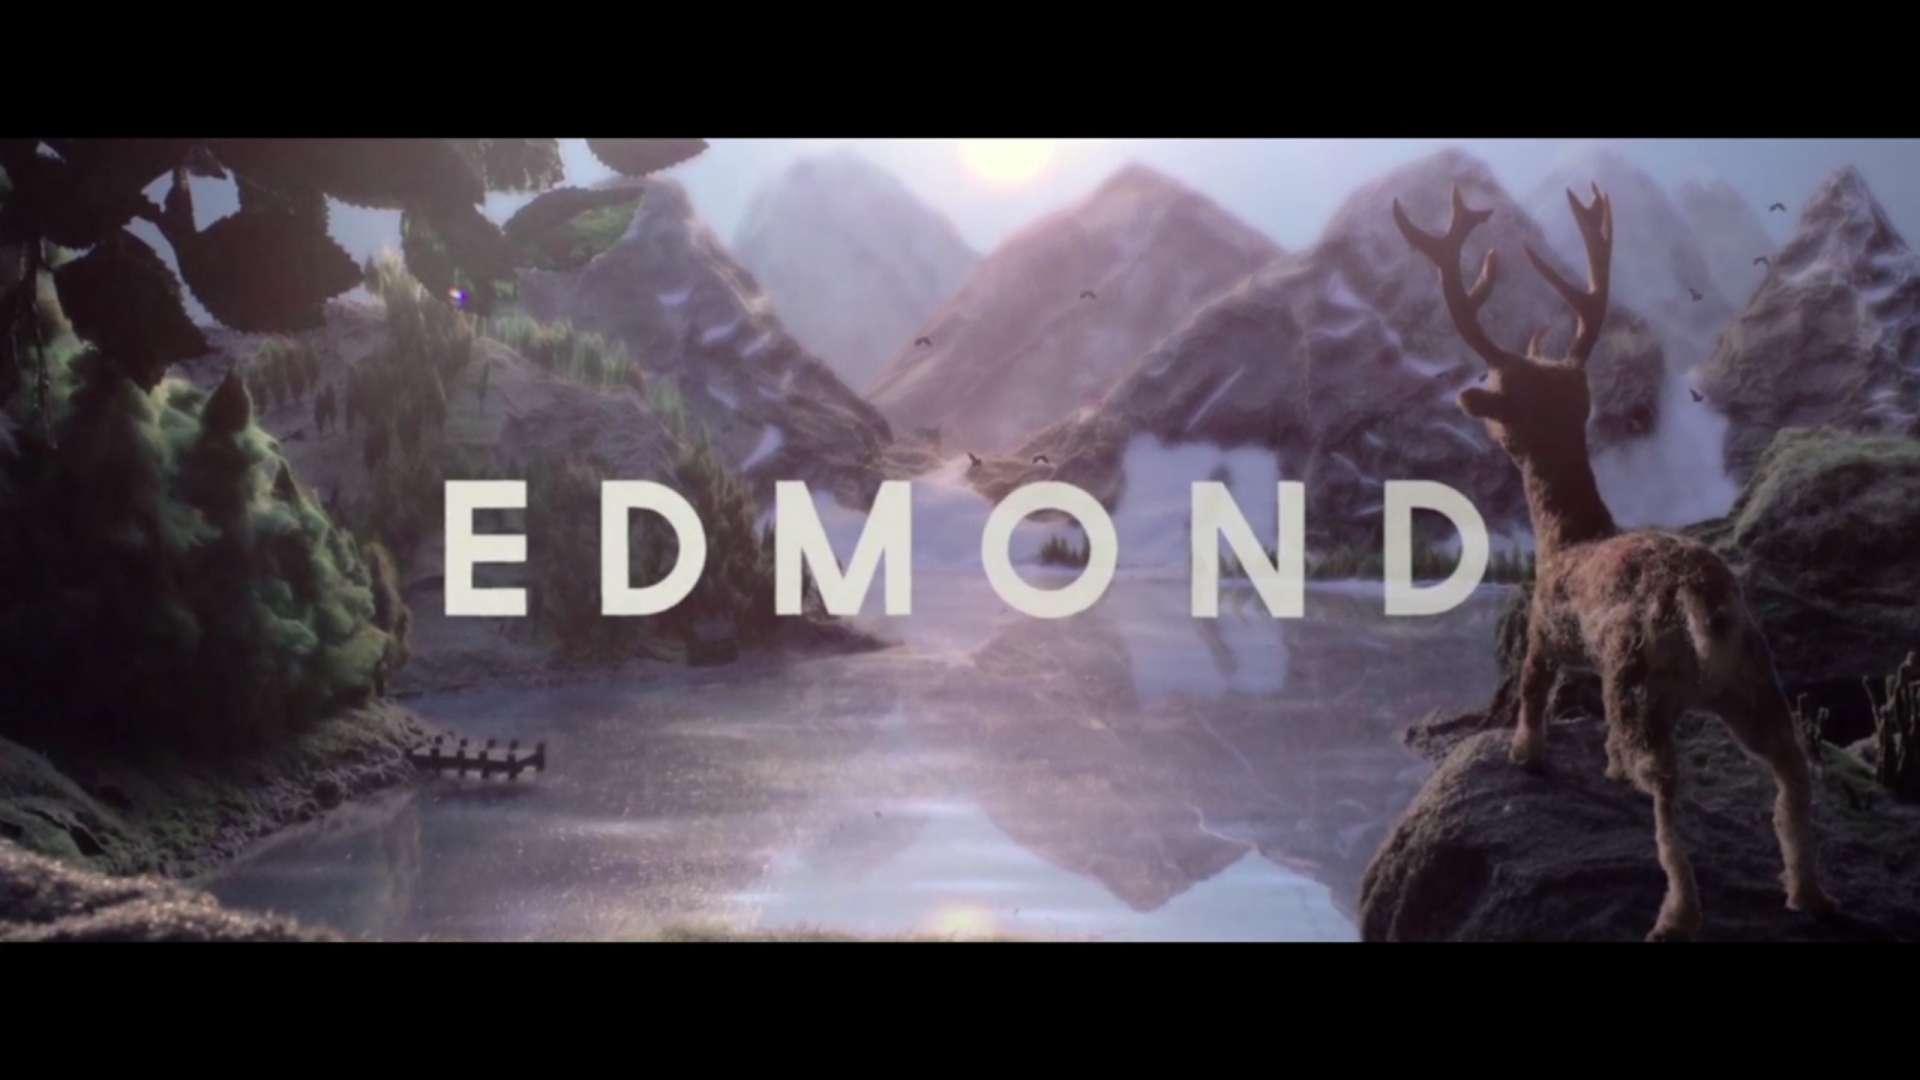 Efectos visuales para la película EDMOND